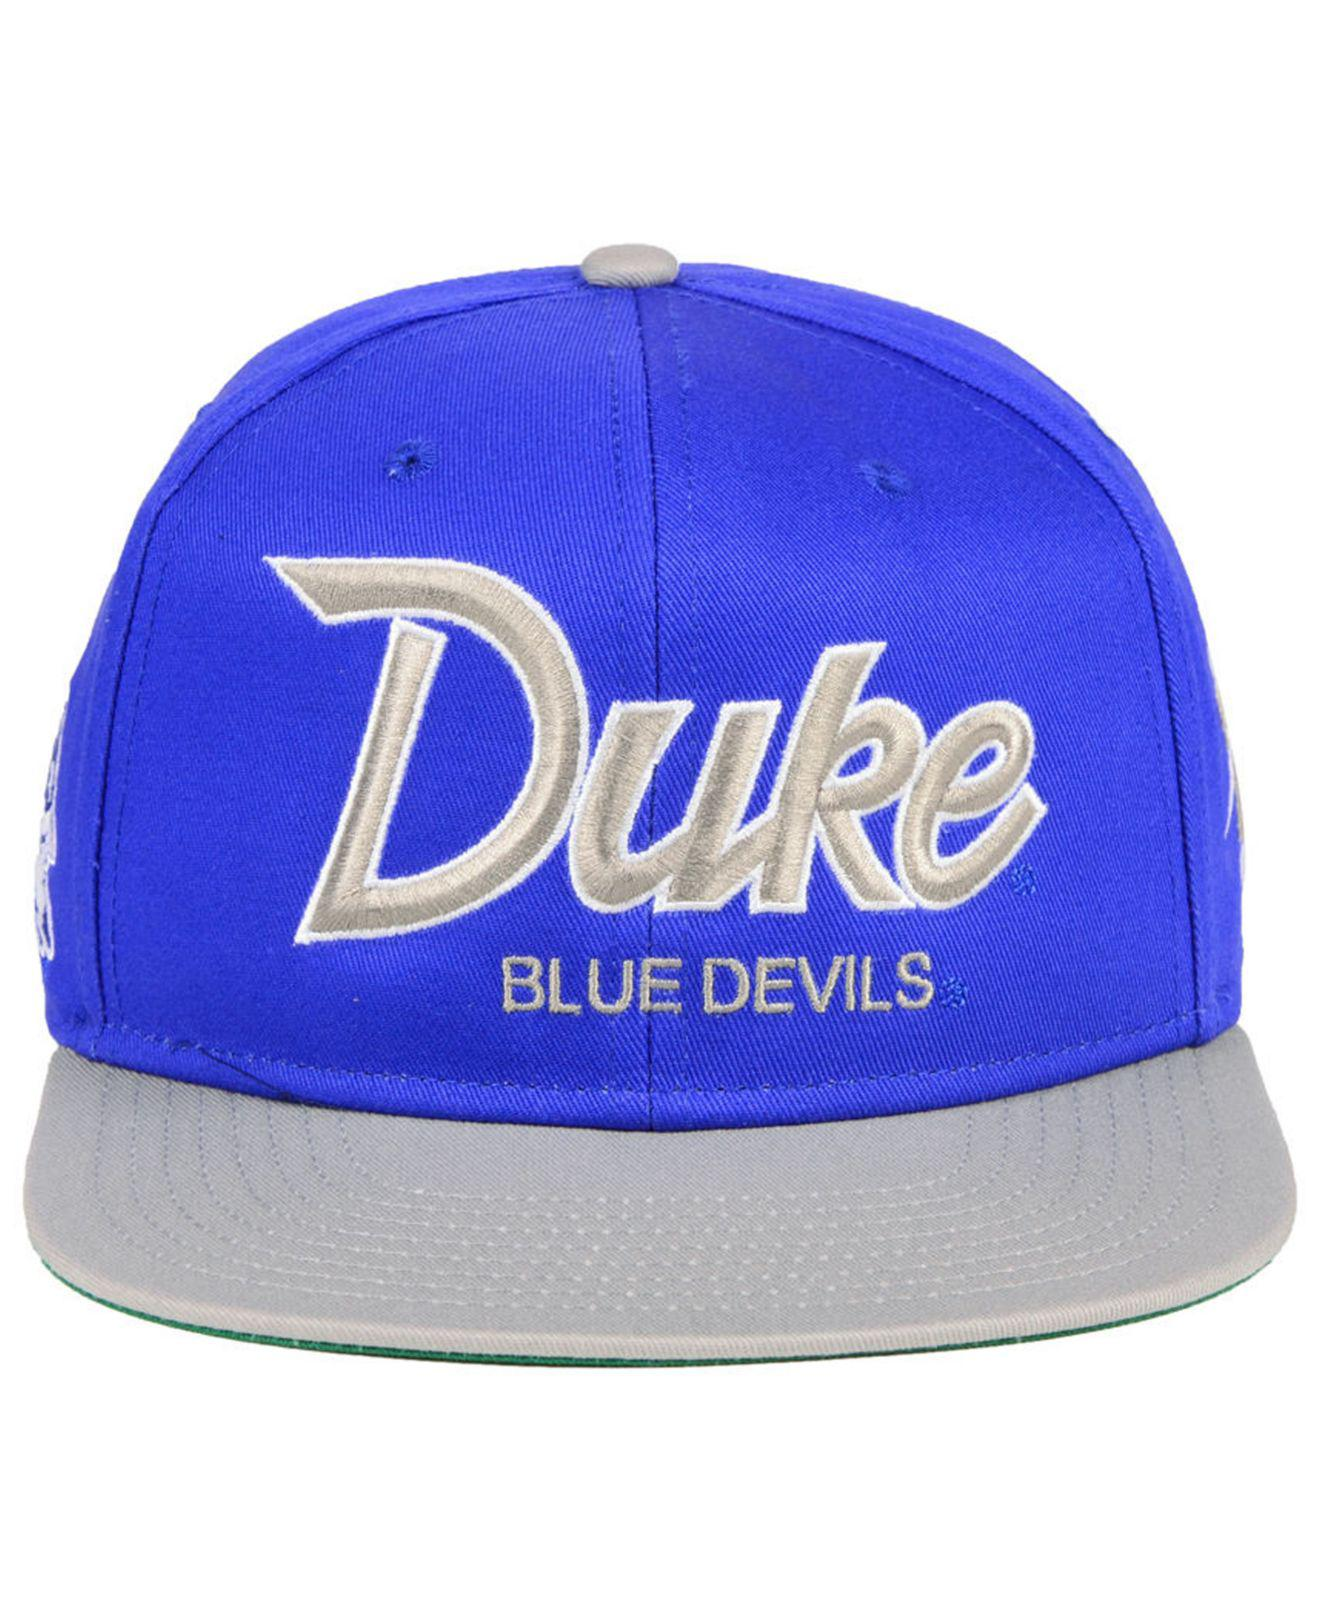 fe7dd30400f65 Lyst - Nike Duke Blue Devils Sport Specialties Snapback Cap in Blue ...